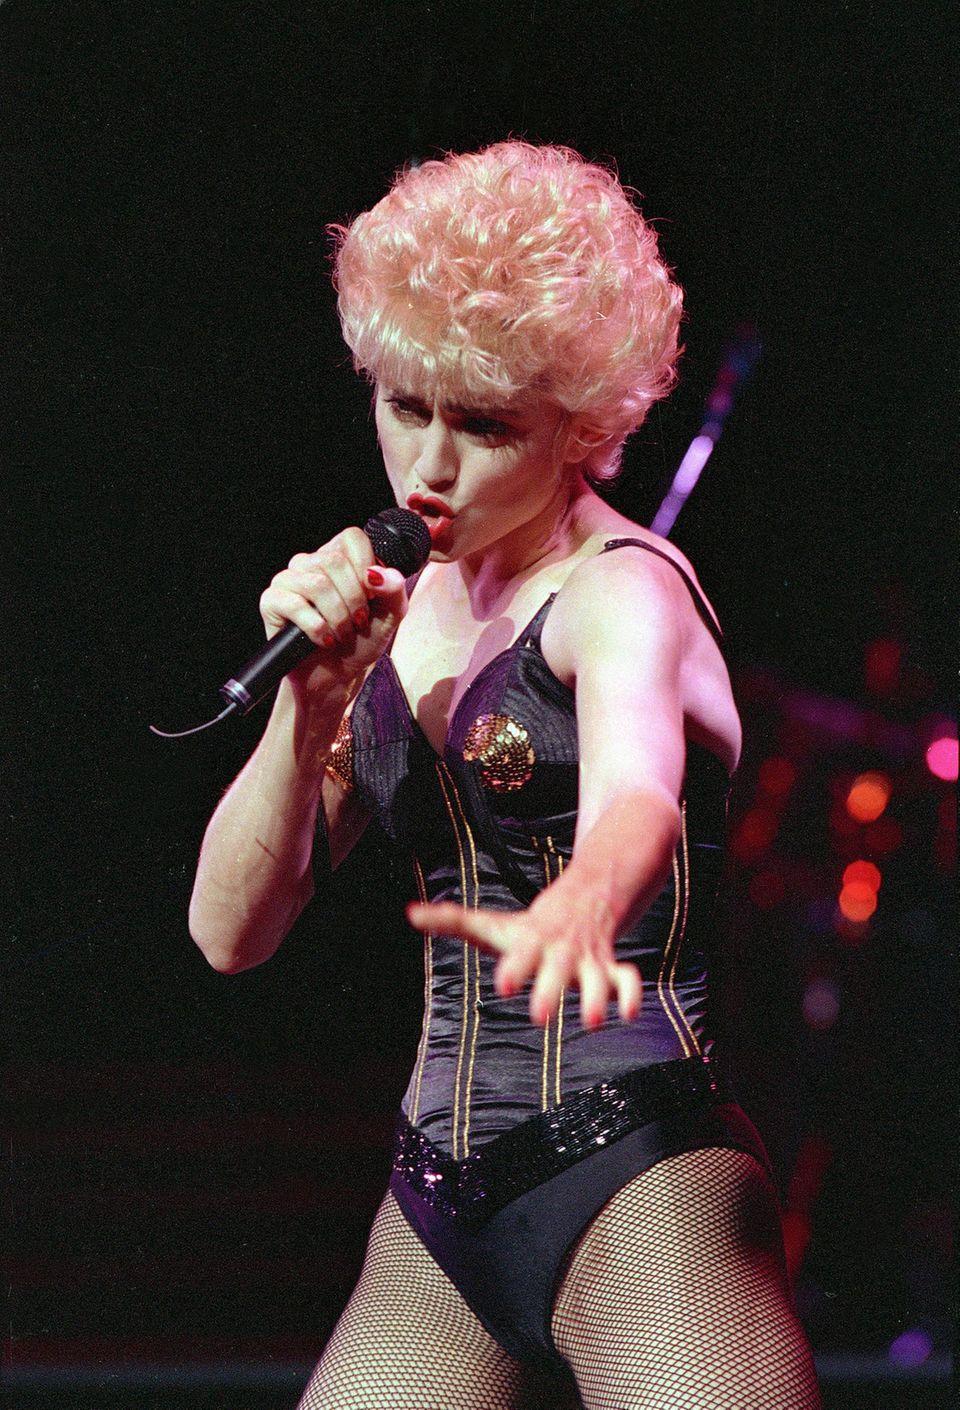 Ihre Botschaften sendete Madonna schon immer in provokanten Outfits, wie hier für die AIDS-Forschung 1987.